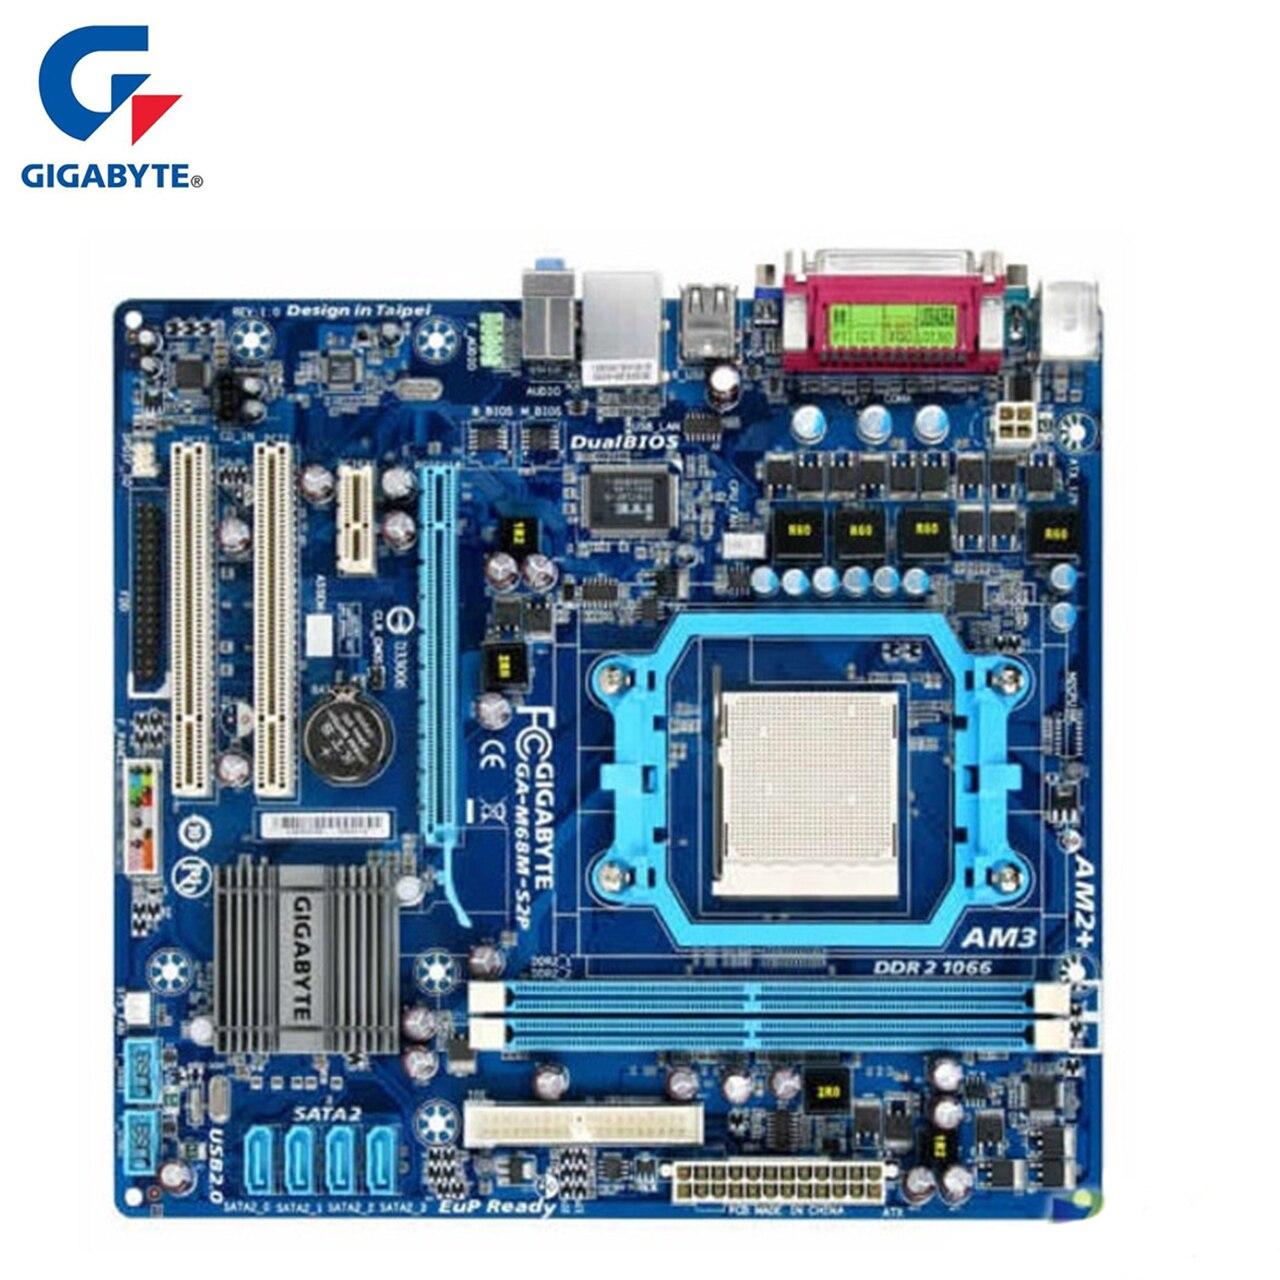 Gigabyte ga-m68m-s2p материнской DDR2 8 ГБ разъем AM2/AM2 +/AM3 M68M S2P Desktop Systemboard используются интегрированный Графика